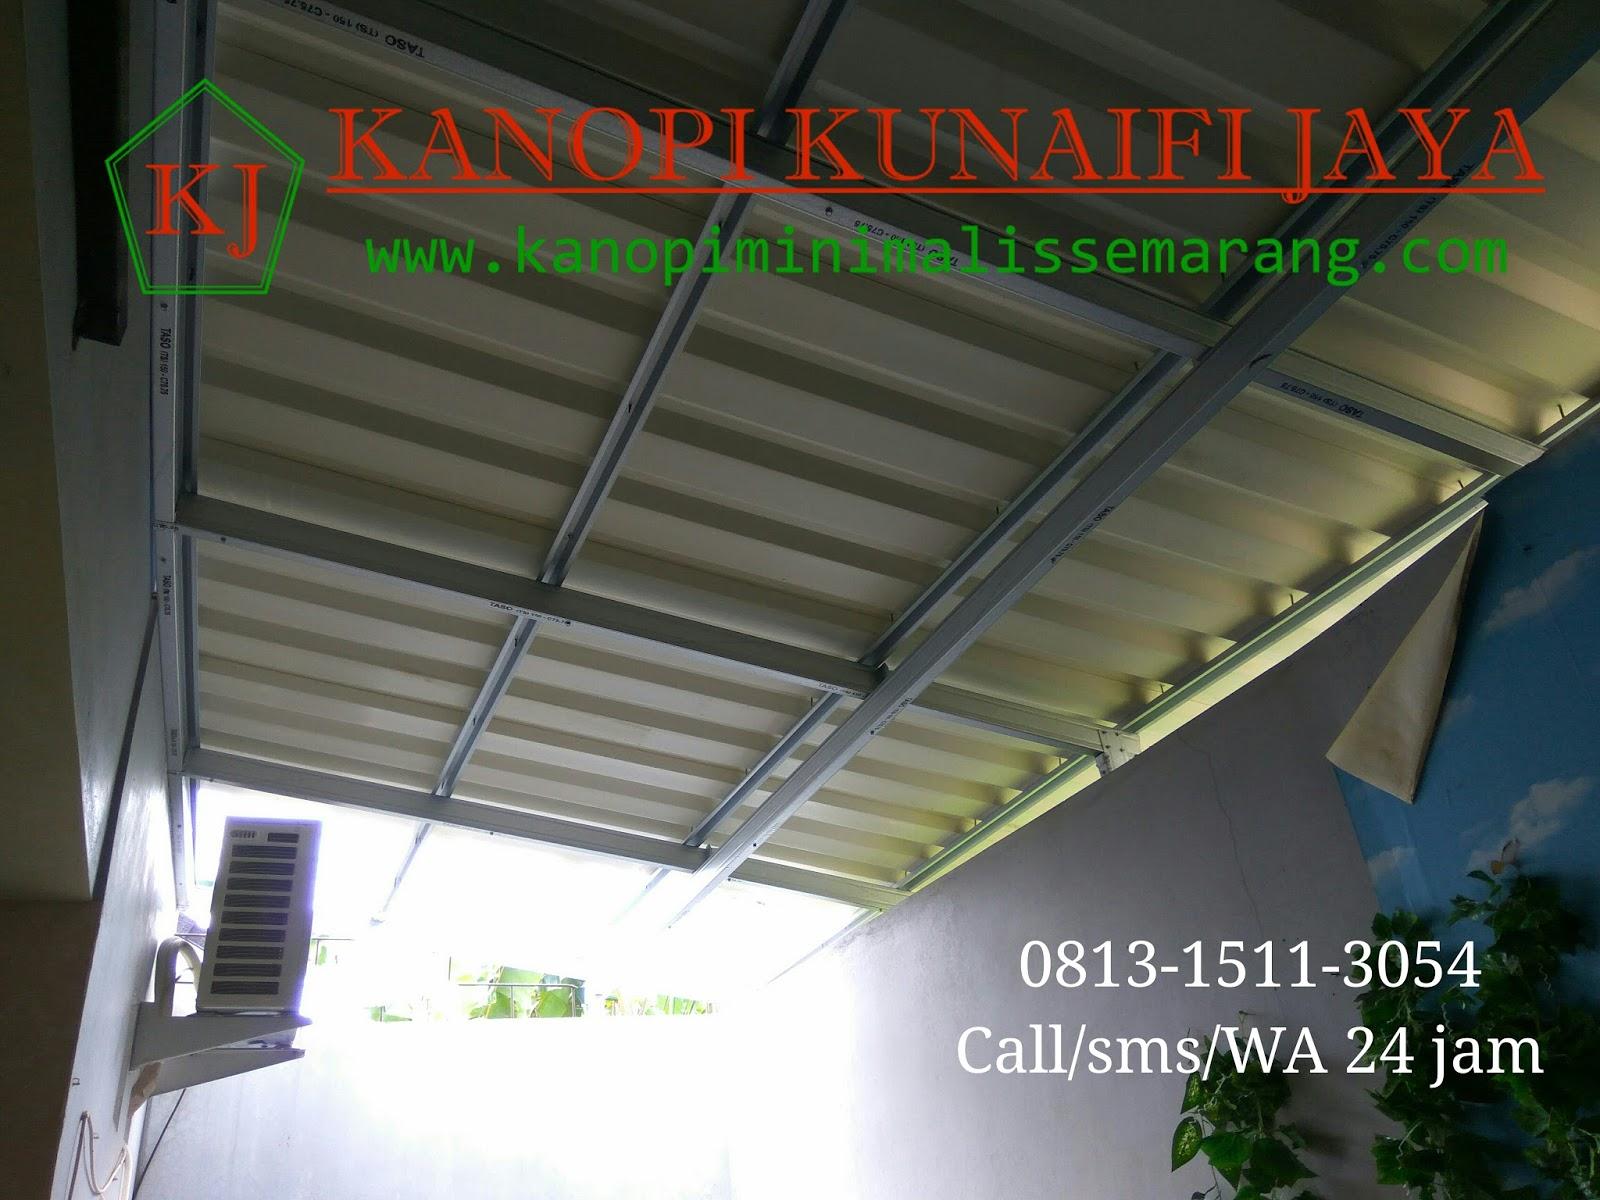 harga baja ringan di solo 2017 model canopy dan 0813 1511 3054